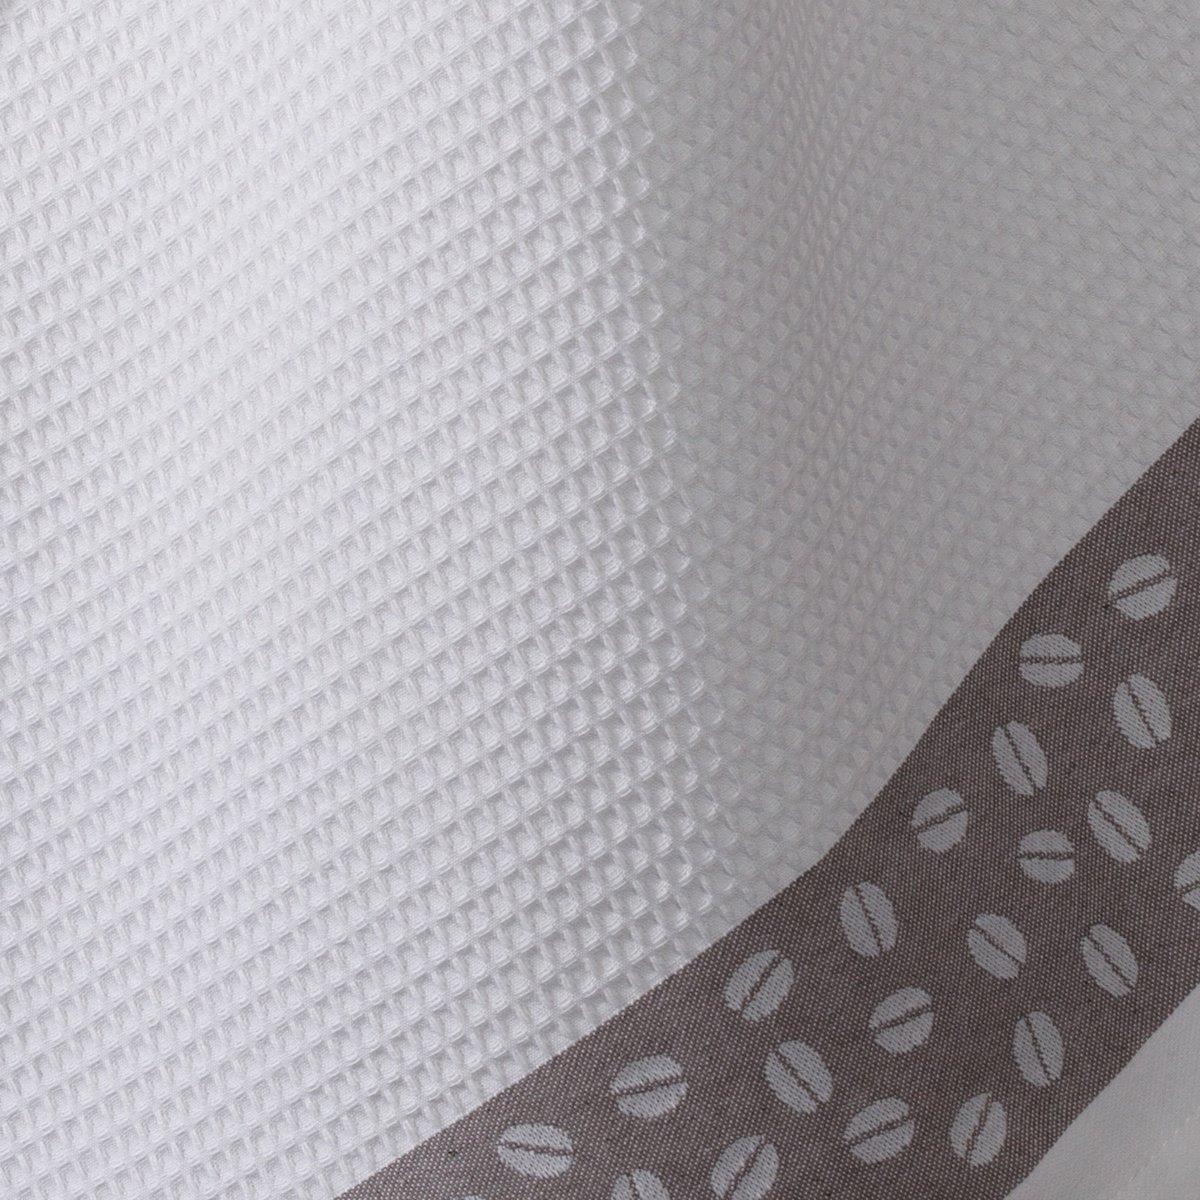 3 полотенца кухонныхВафельные полотенца высокого качества, 250 г/м?, 100% хлопка. Кайма с рисунком кофейные зерна на сером фоне. Стирка при 60°. Размер: 50 х 70 см. Произведено в Европе. В комплекте 3 полотенца.<br><br>Цвет: белый/ серый<br>Размер: 50 x 70  см